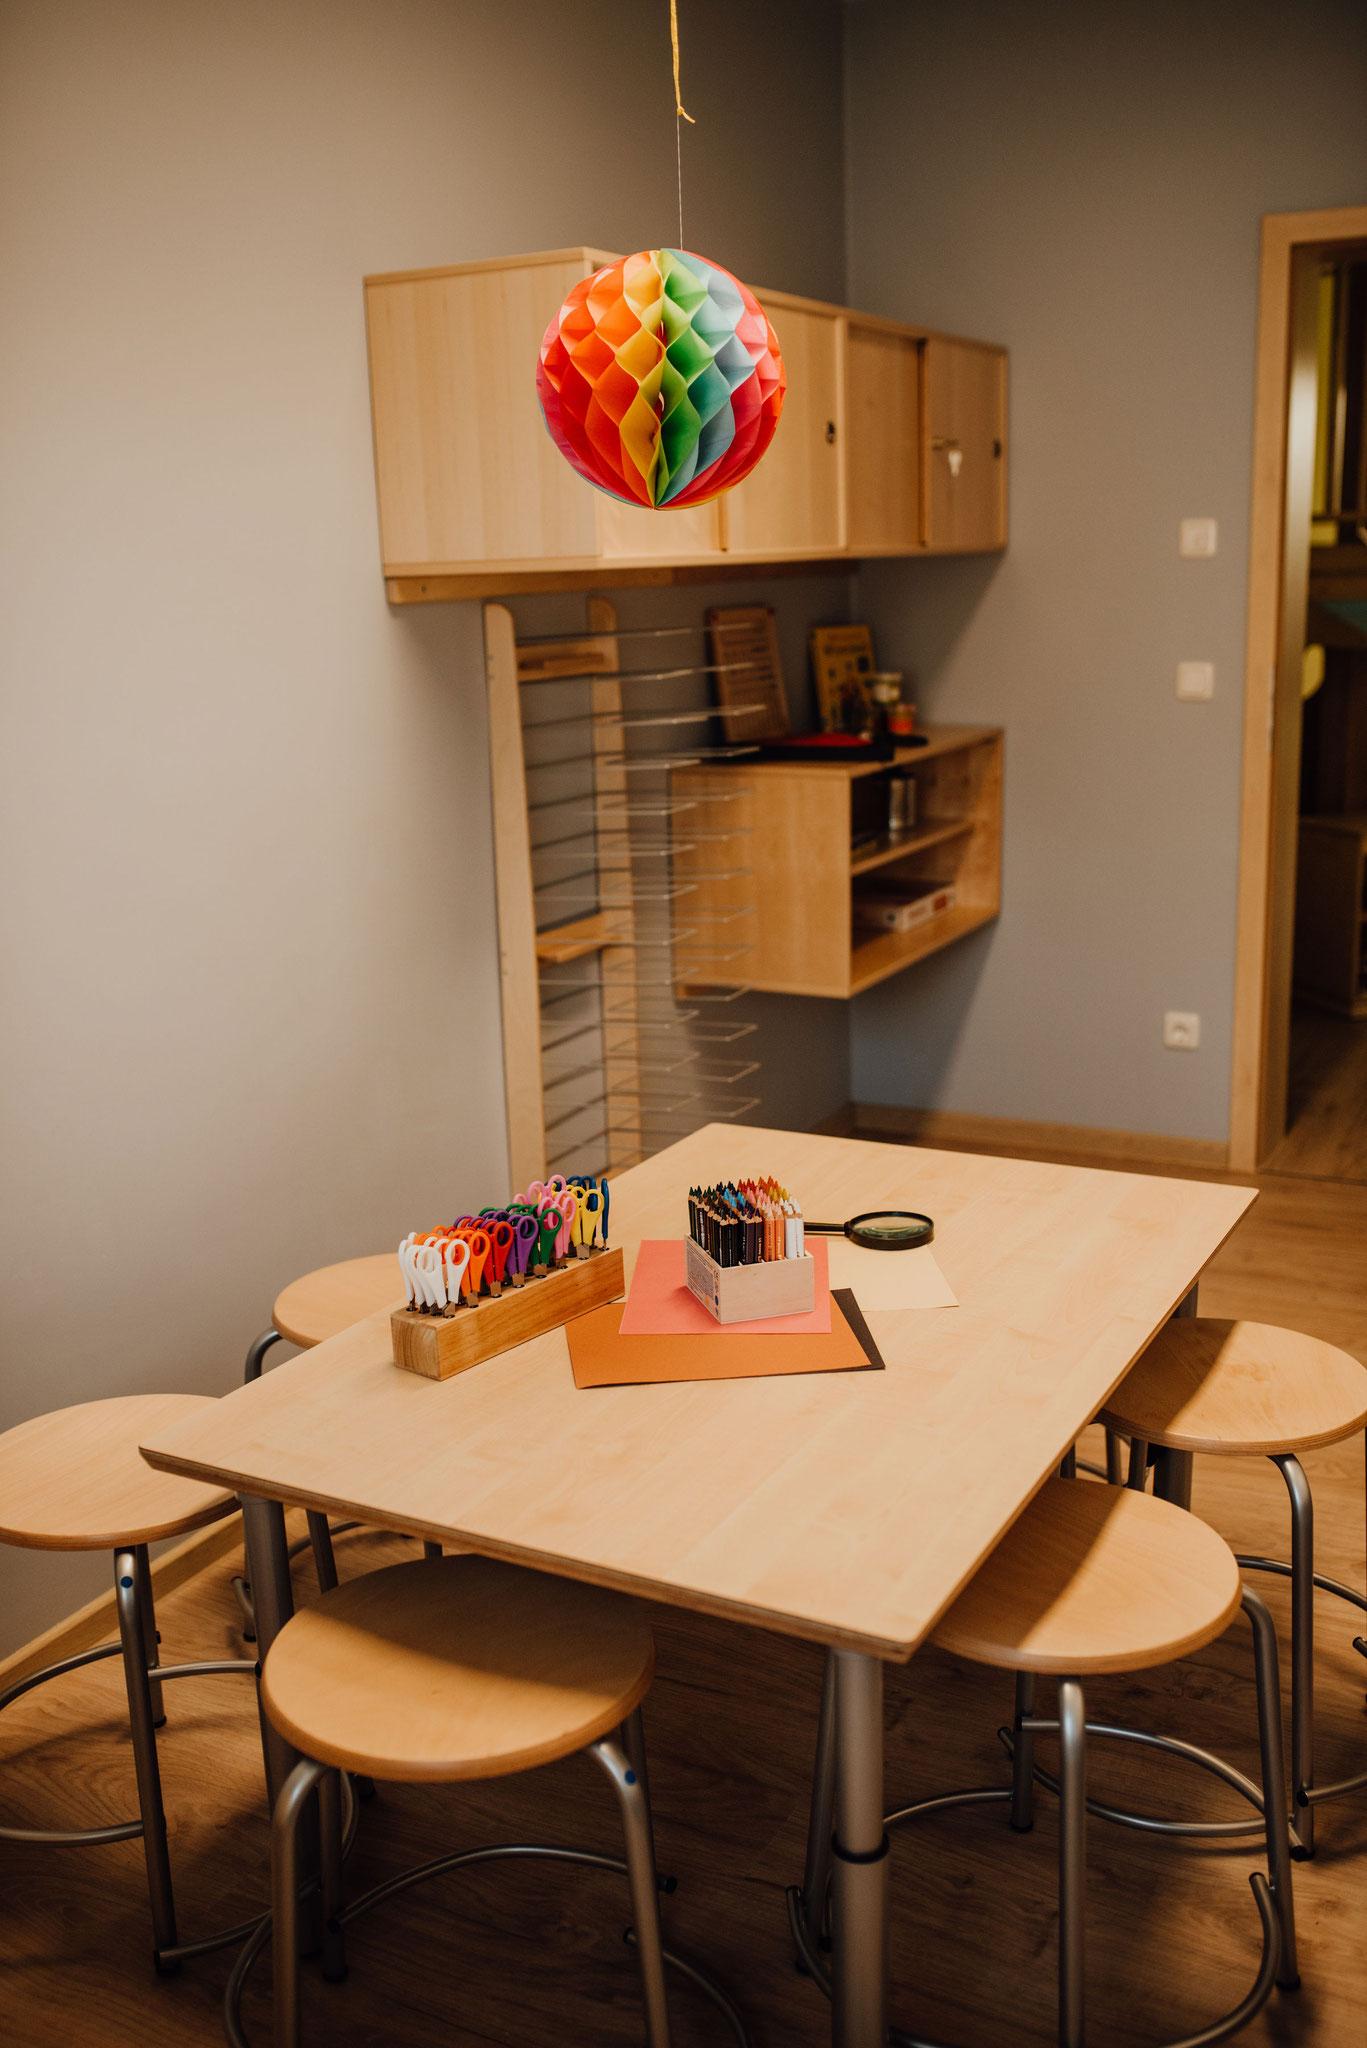 """Kindergarten- Themenraum """"Kreativität"""": Für unsere Igel-Kinder bieten wir insgesamt zwei Themenräume an. Im Themenraum """"Kreativität"""" soll sich Ihr Kind durch künstlerische Tätigkeiten entwickeln."""